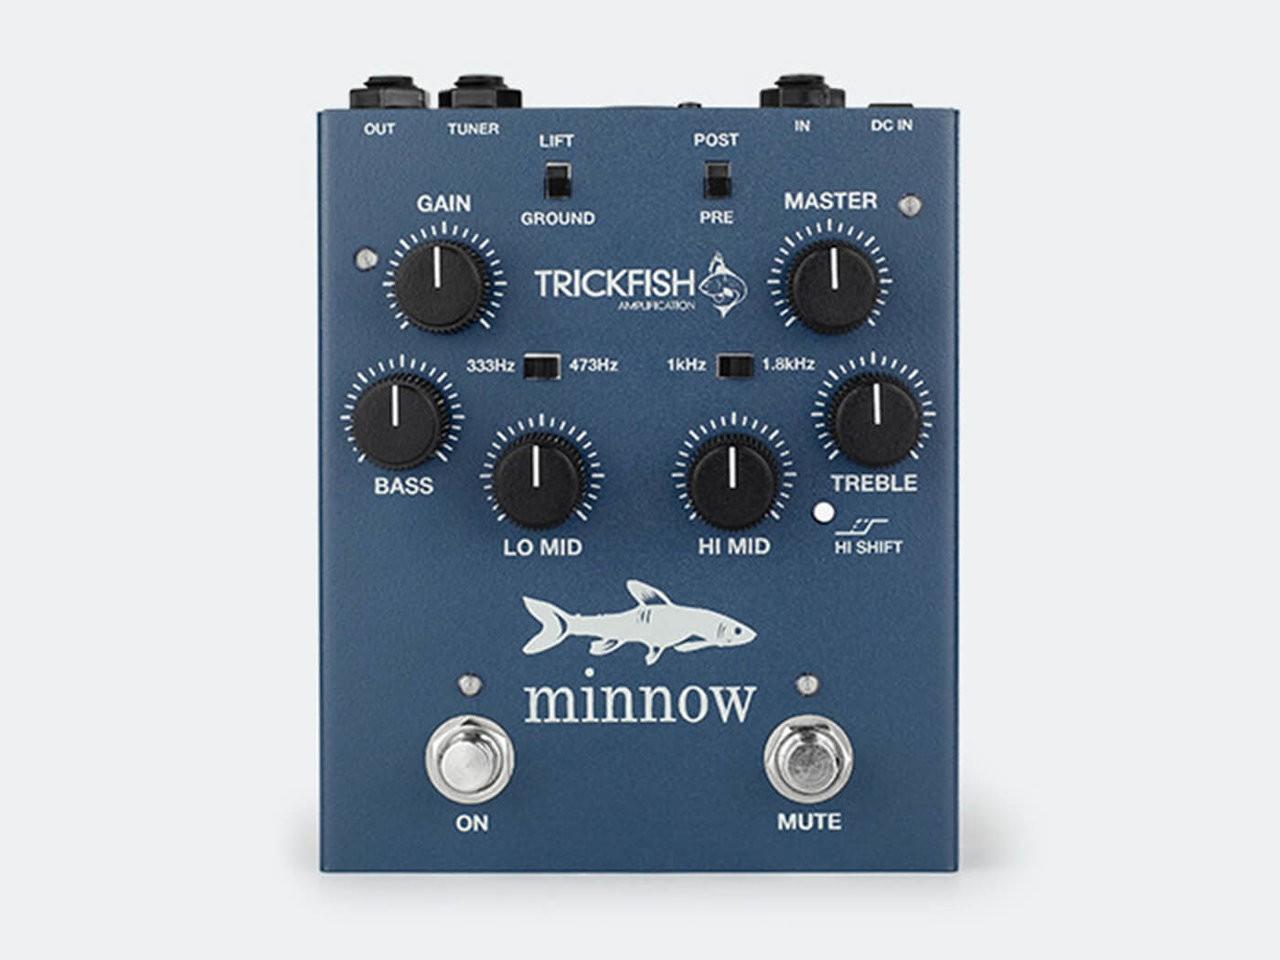 trickfish-minnow@1400x1050.jpg